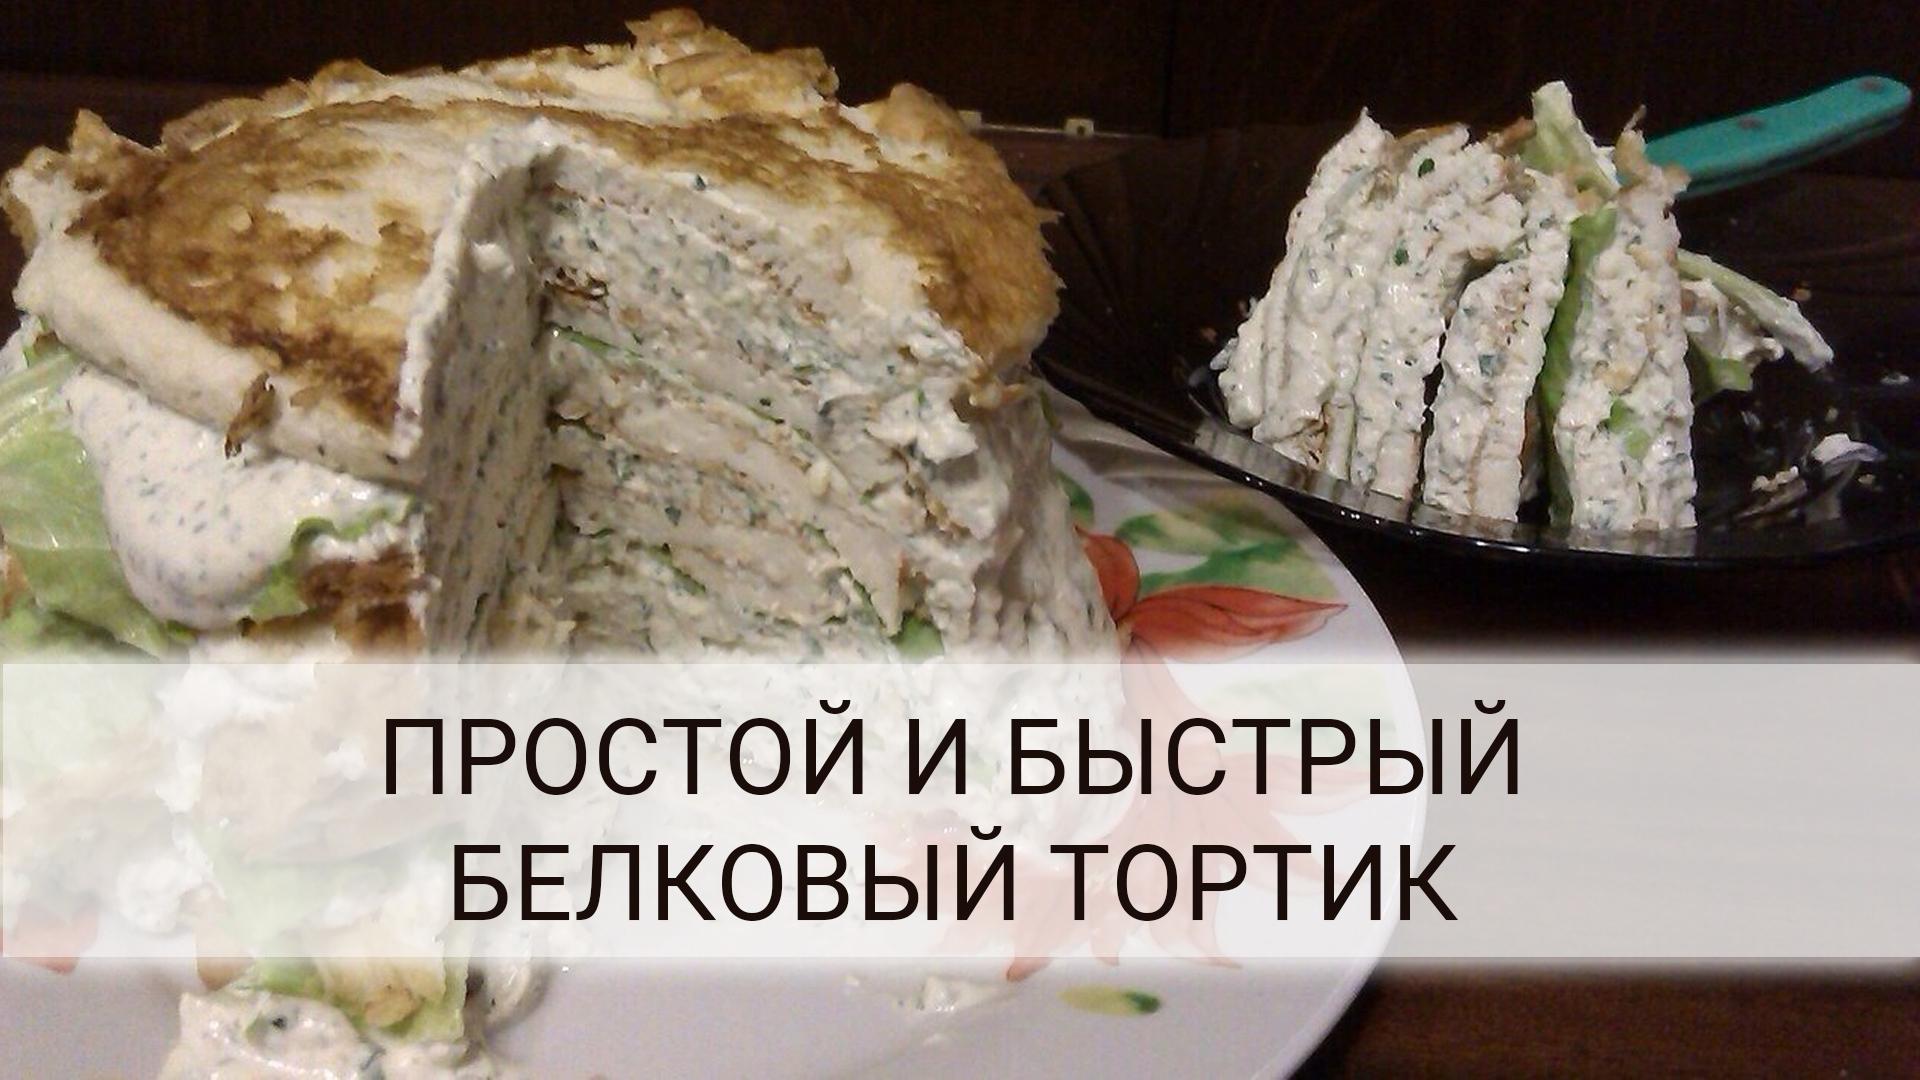 Белковый рецепт